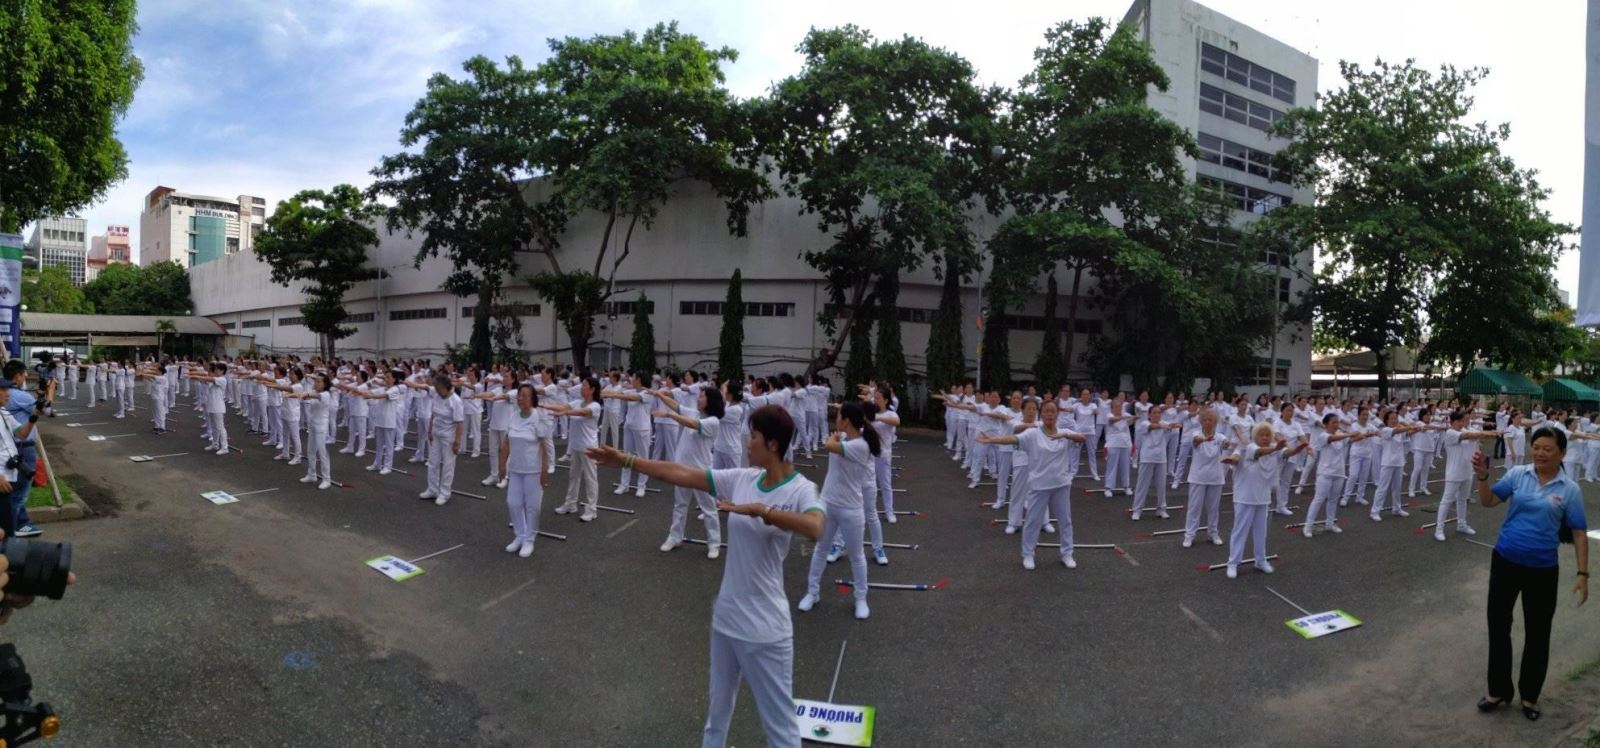 Ngày hội chăm sóc sức khỏe người cao tuổi quận Tân Bình